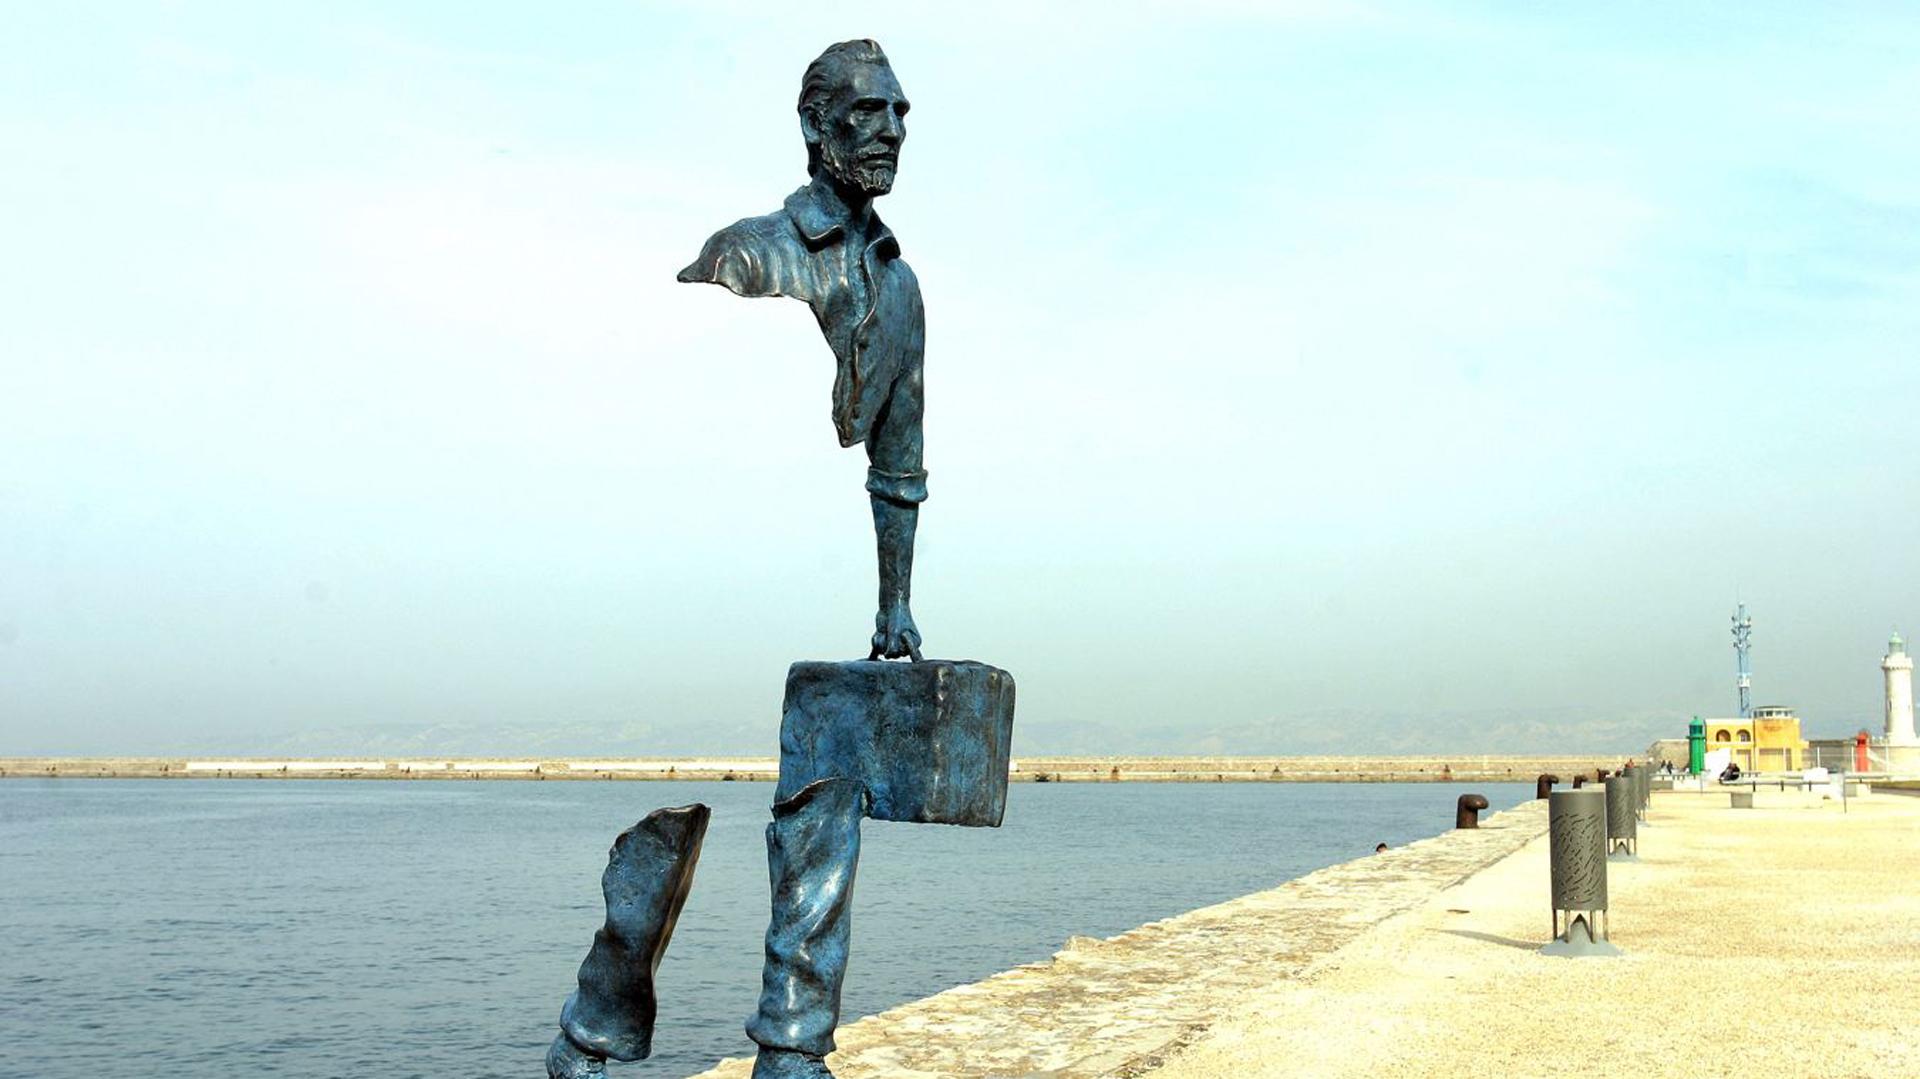 """""""Les Voyageurs"""", del artista francés Bruno Catalano, ubicada en Marsella, Francia. Esta escultura busca evocar memorias que dejan atrás los viajeros cuando abandonan su hogar"""